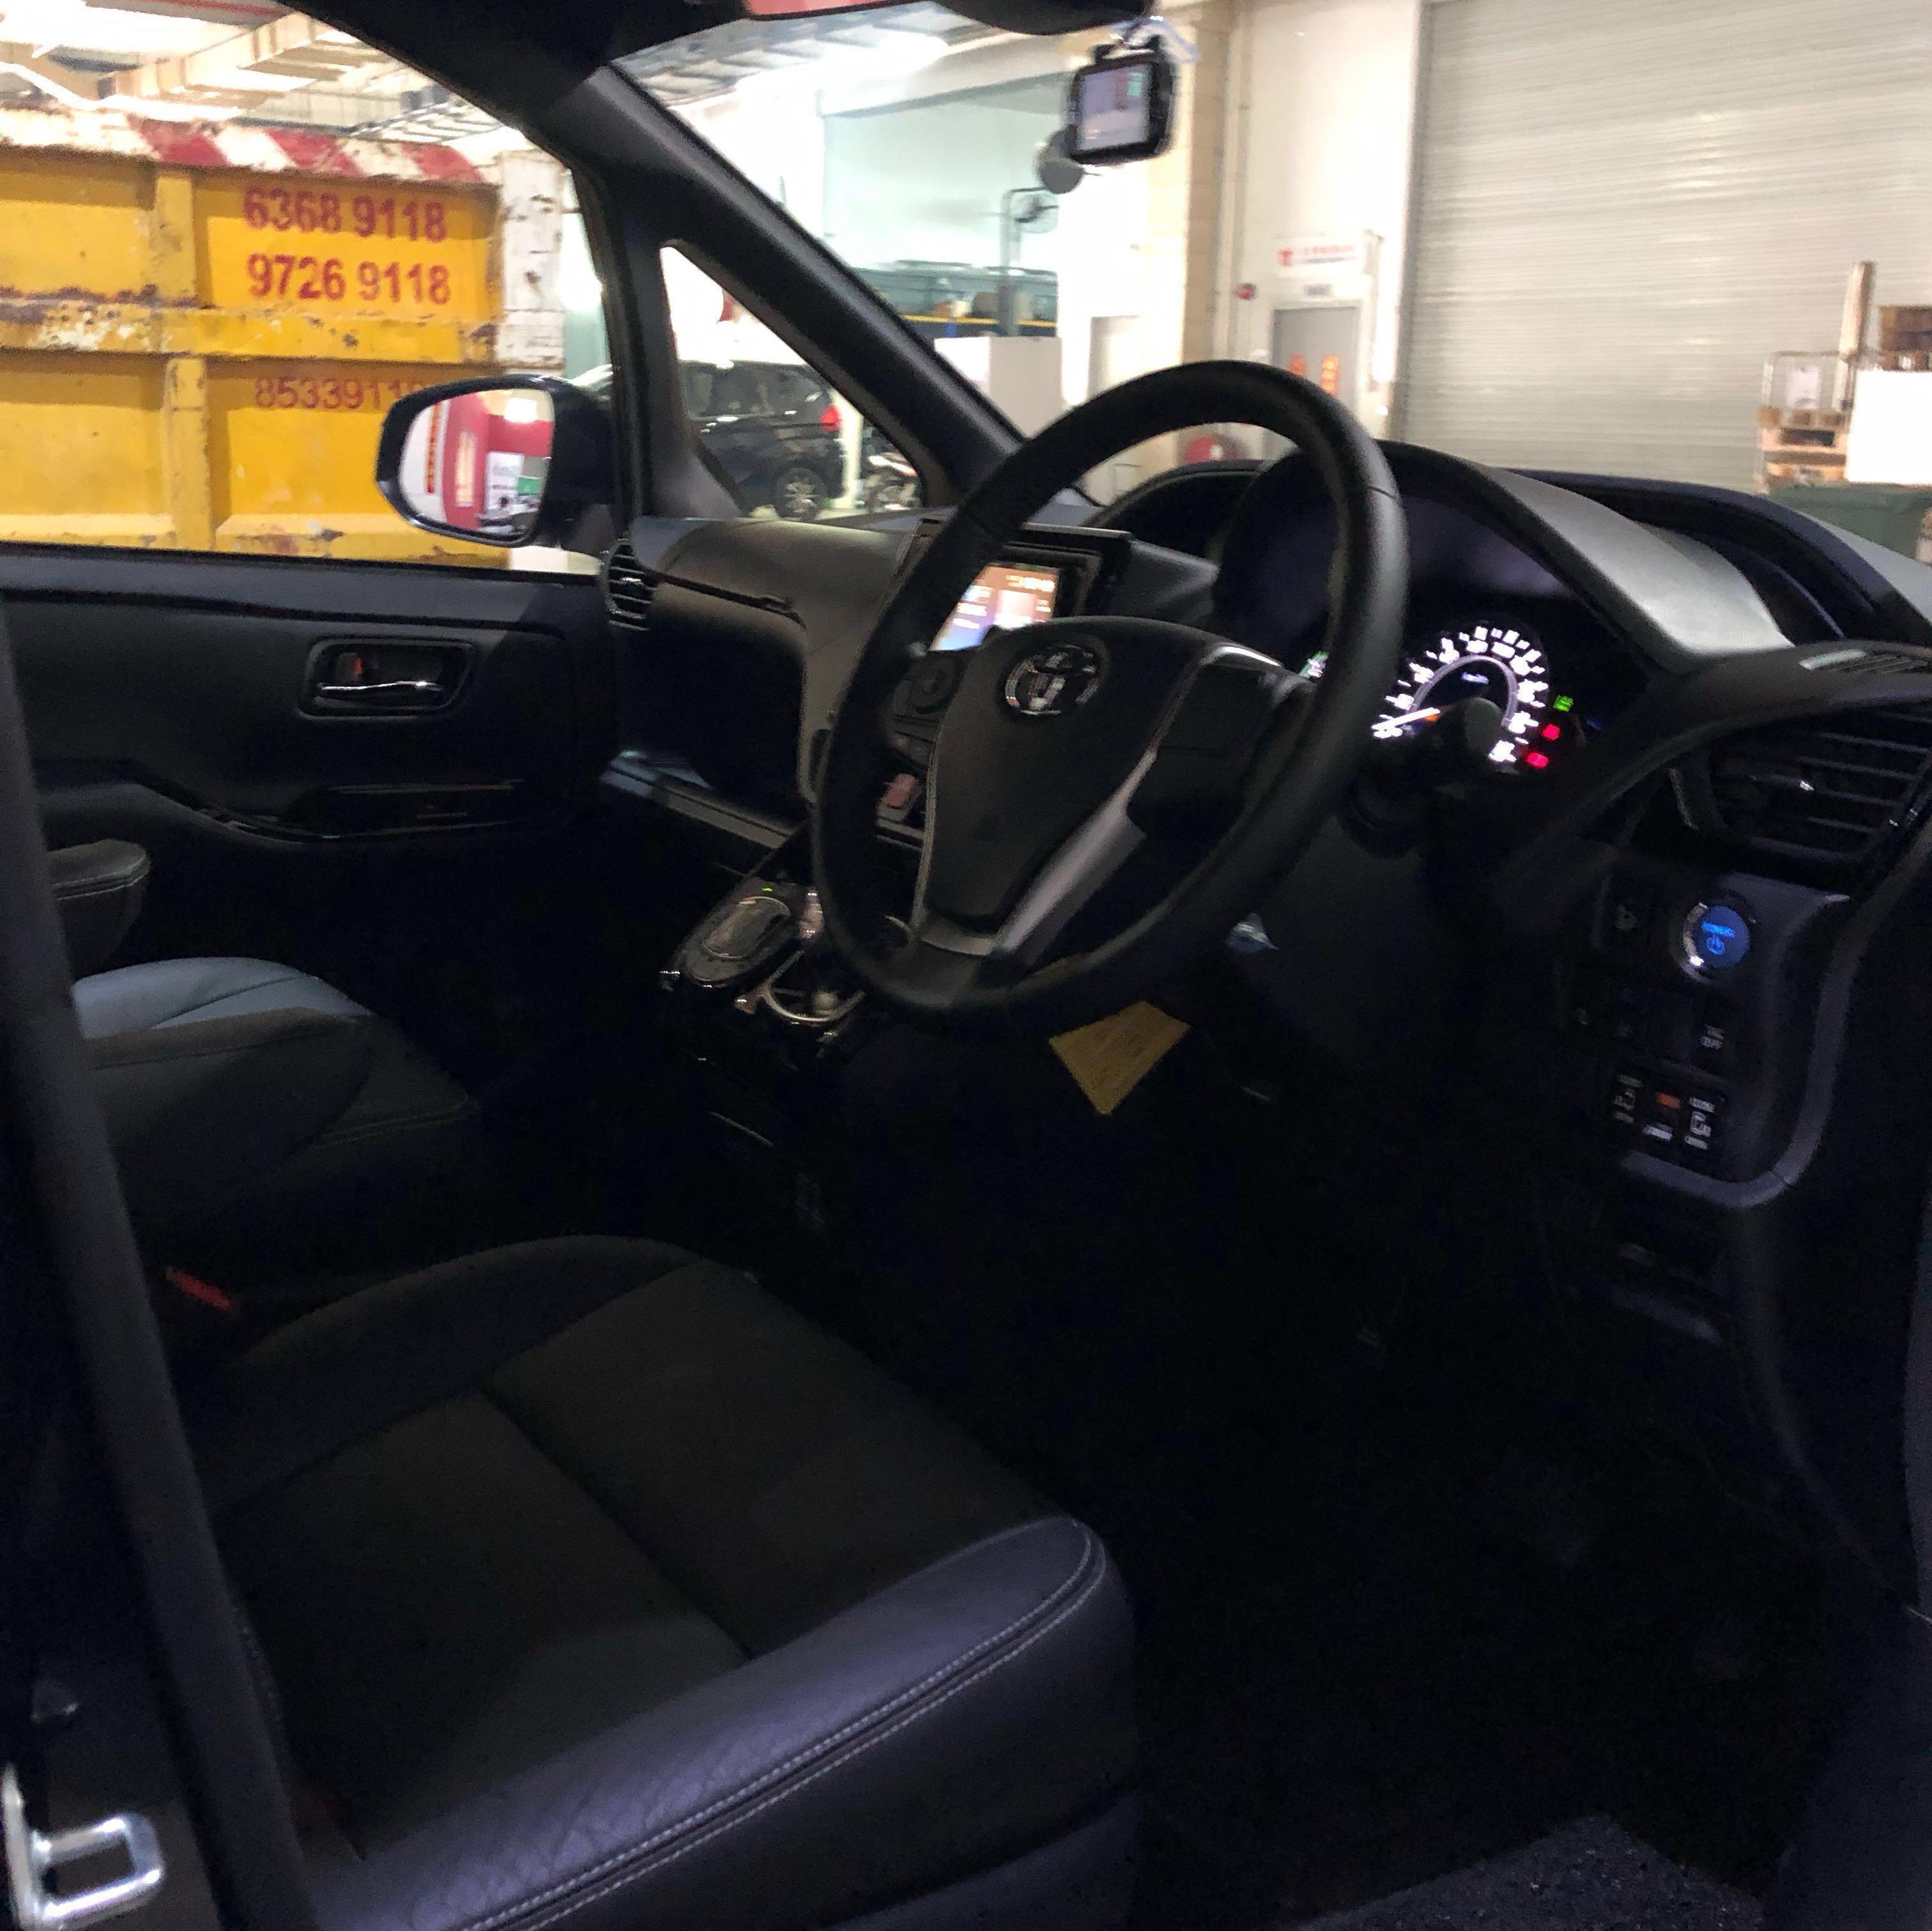 Lease To Own - Toyota Voxy V Hybrid 2019 Brand New MPV - LTO Rental